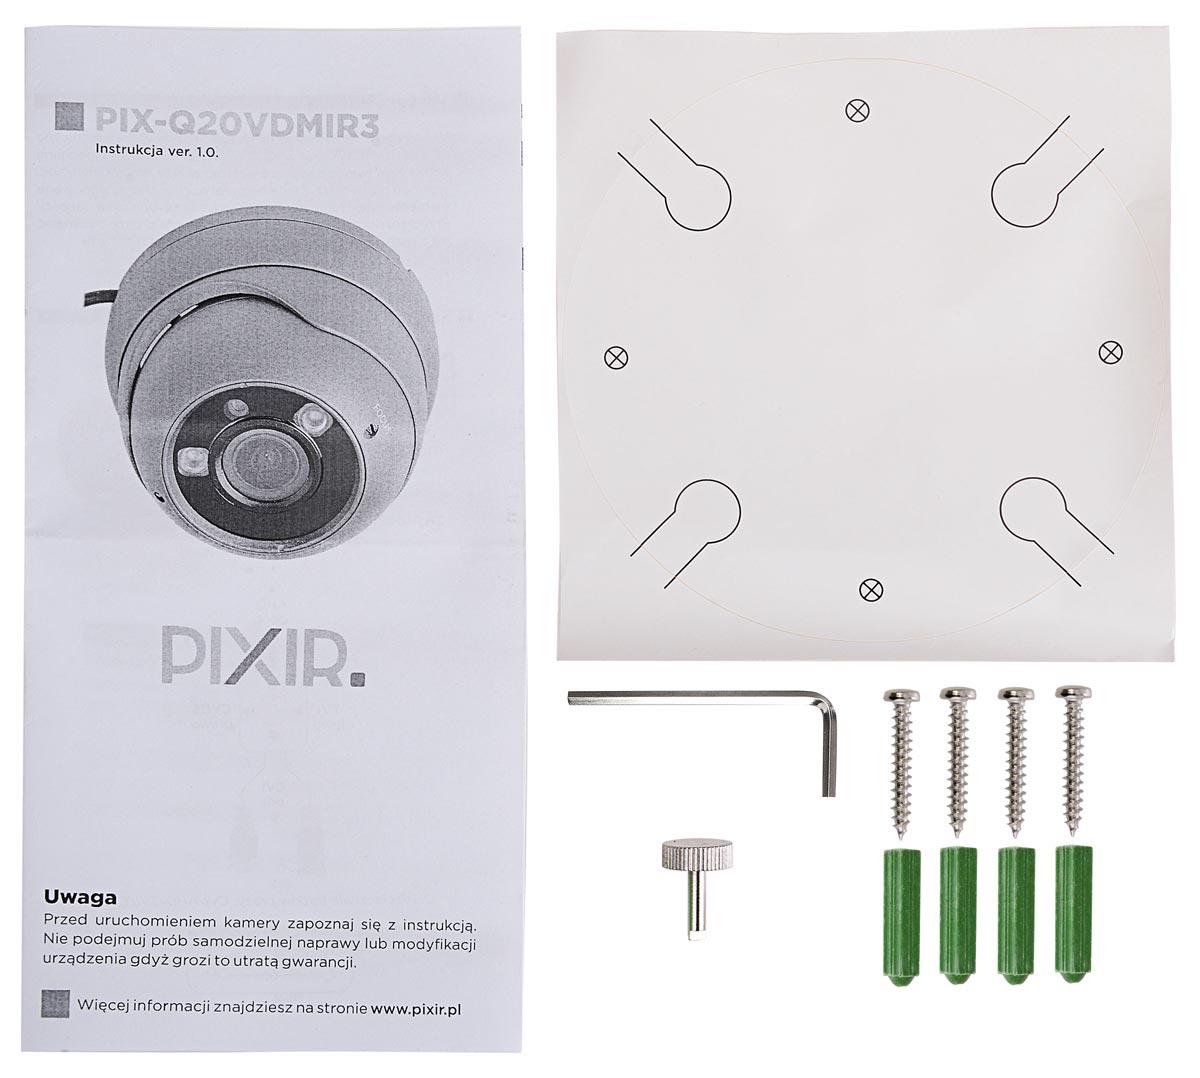 Akcesoria kamery 4 in 1 PIX-Q20VDMIR3